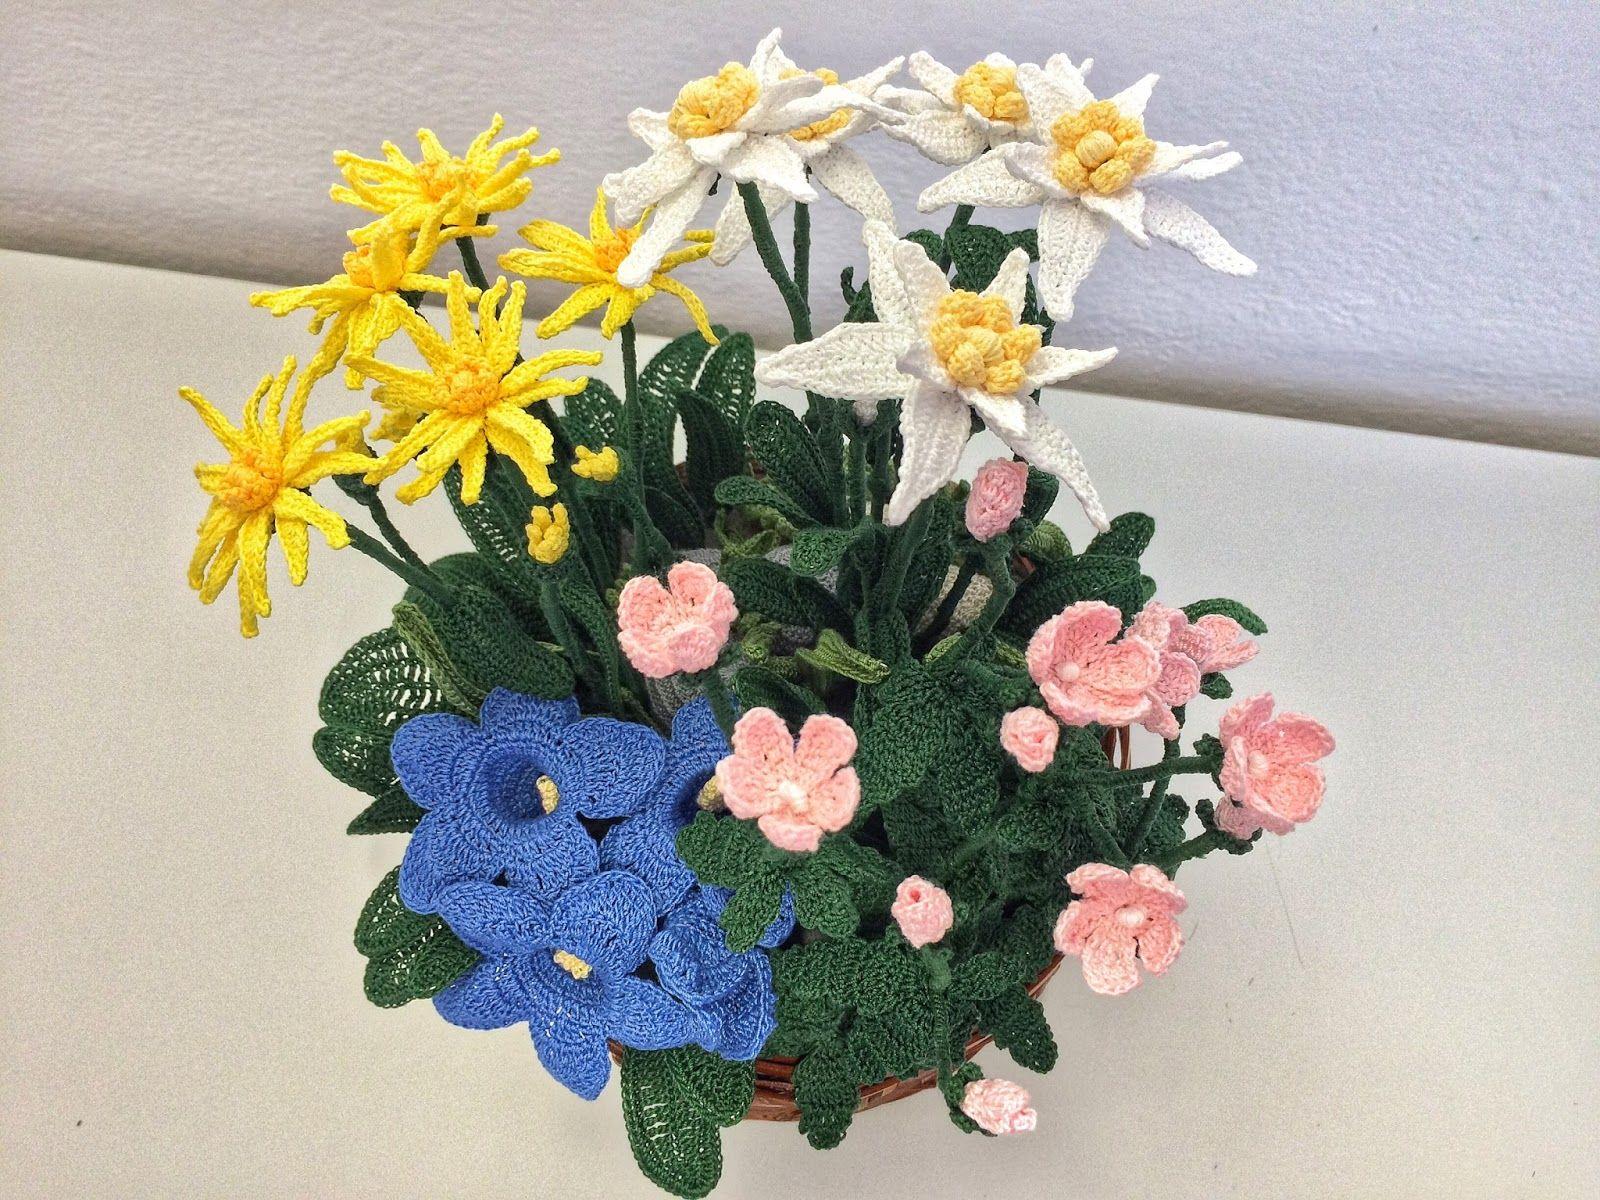 Il blog di sam composizione di fiori di montagna all for Il blog di sam piante grasse